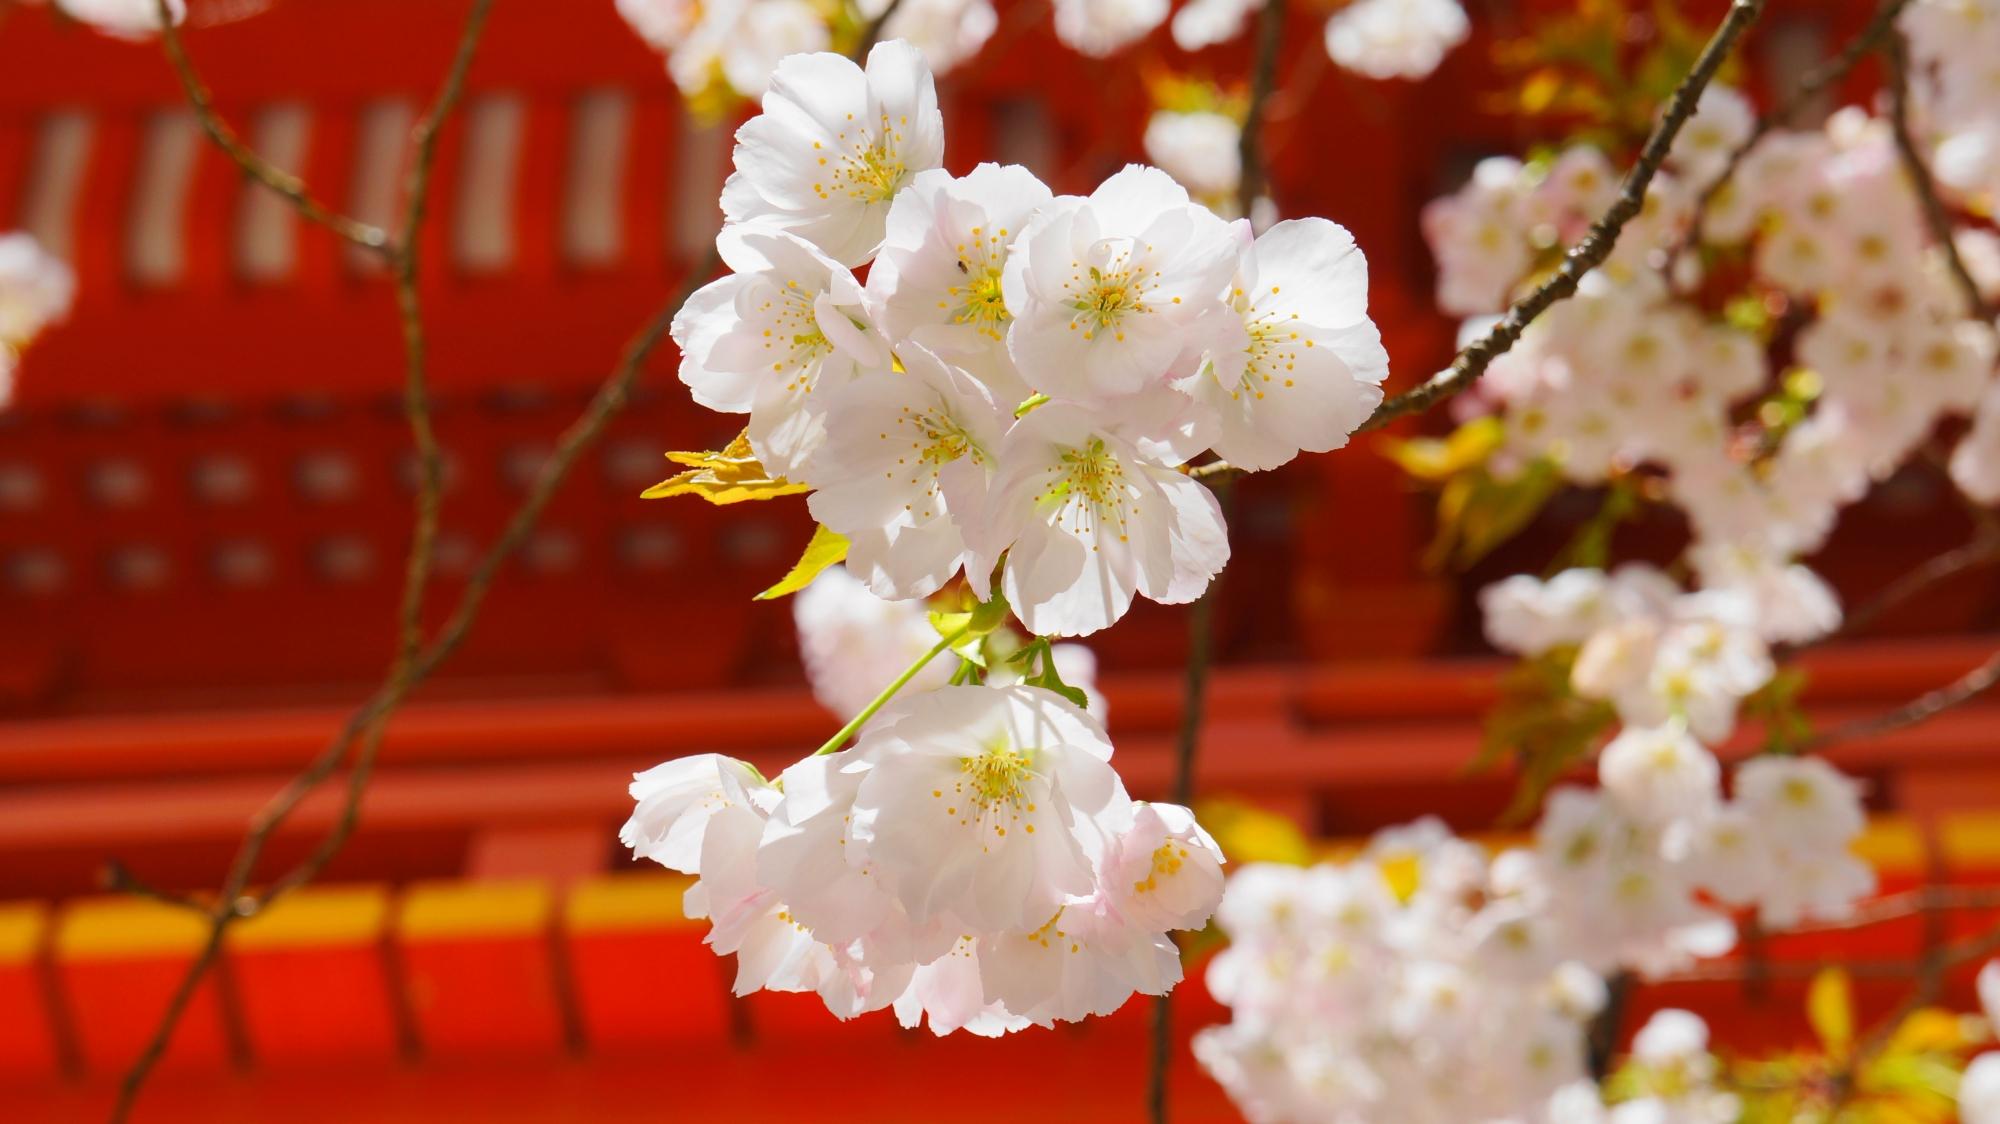 赤い楼門を背景にした華やかな白い桜